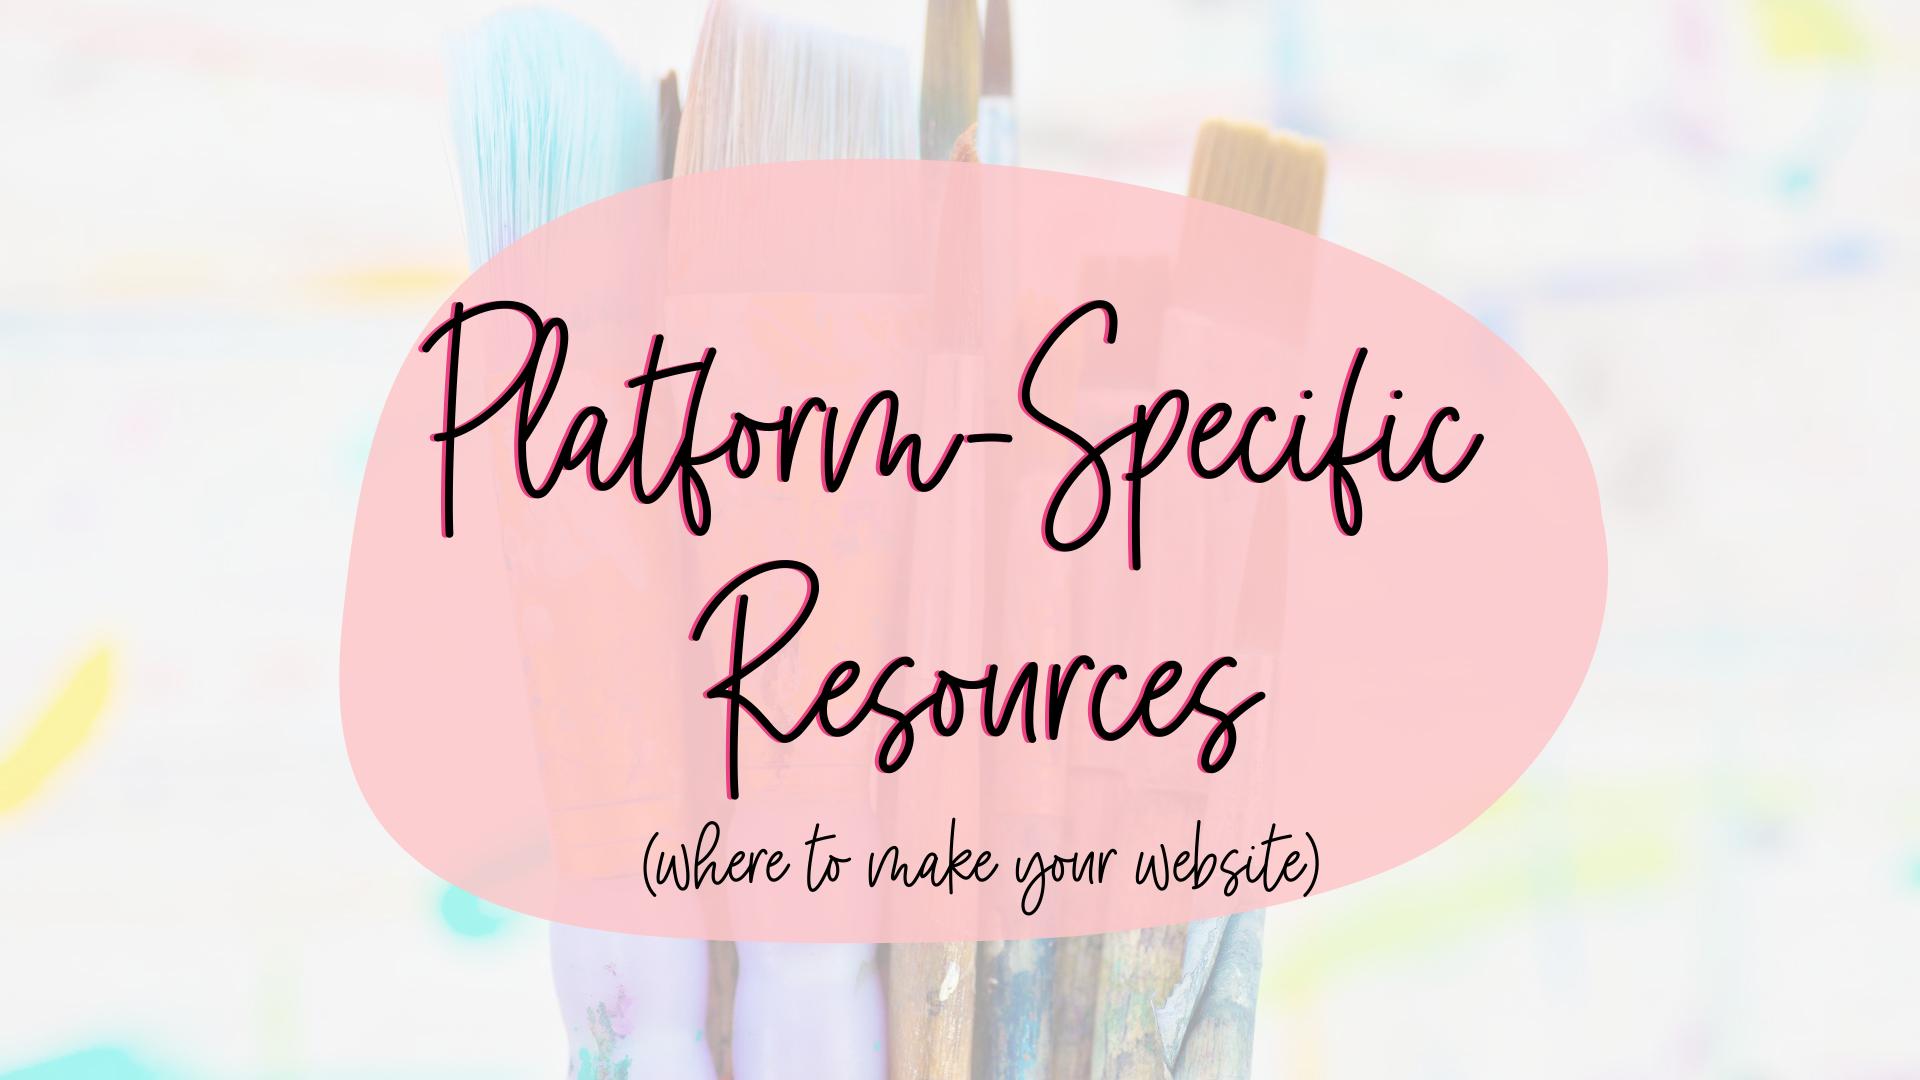 Platform Specific Resources